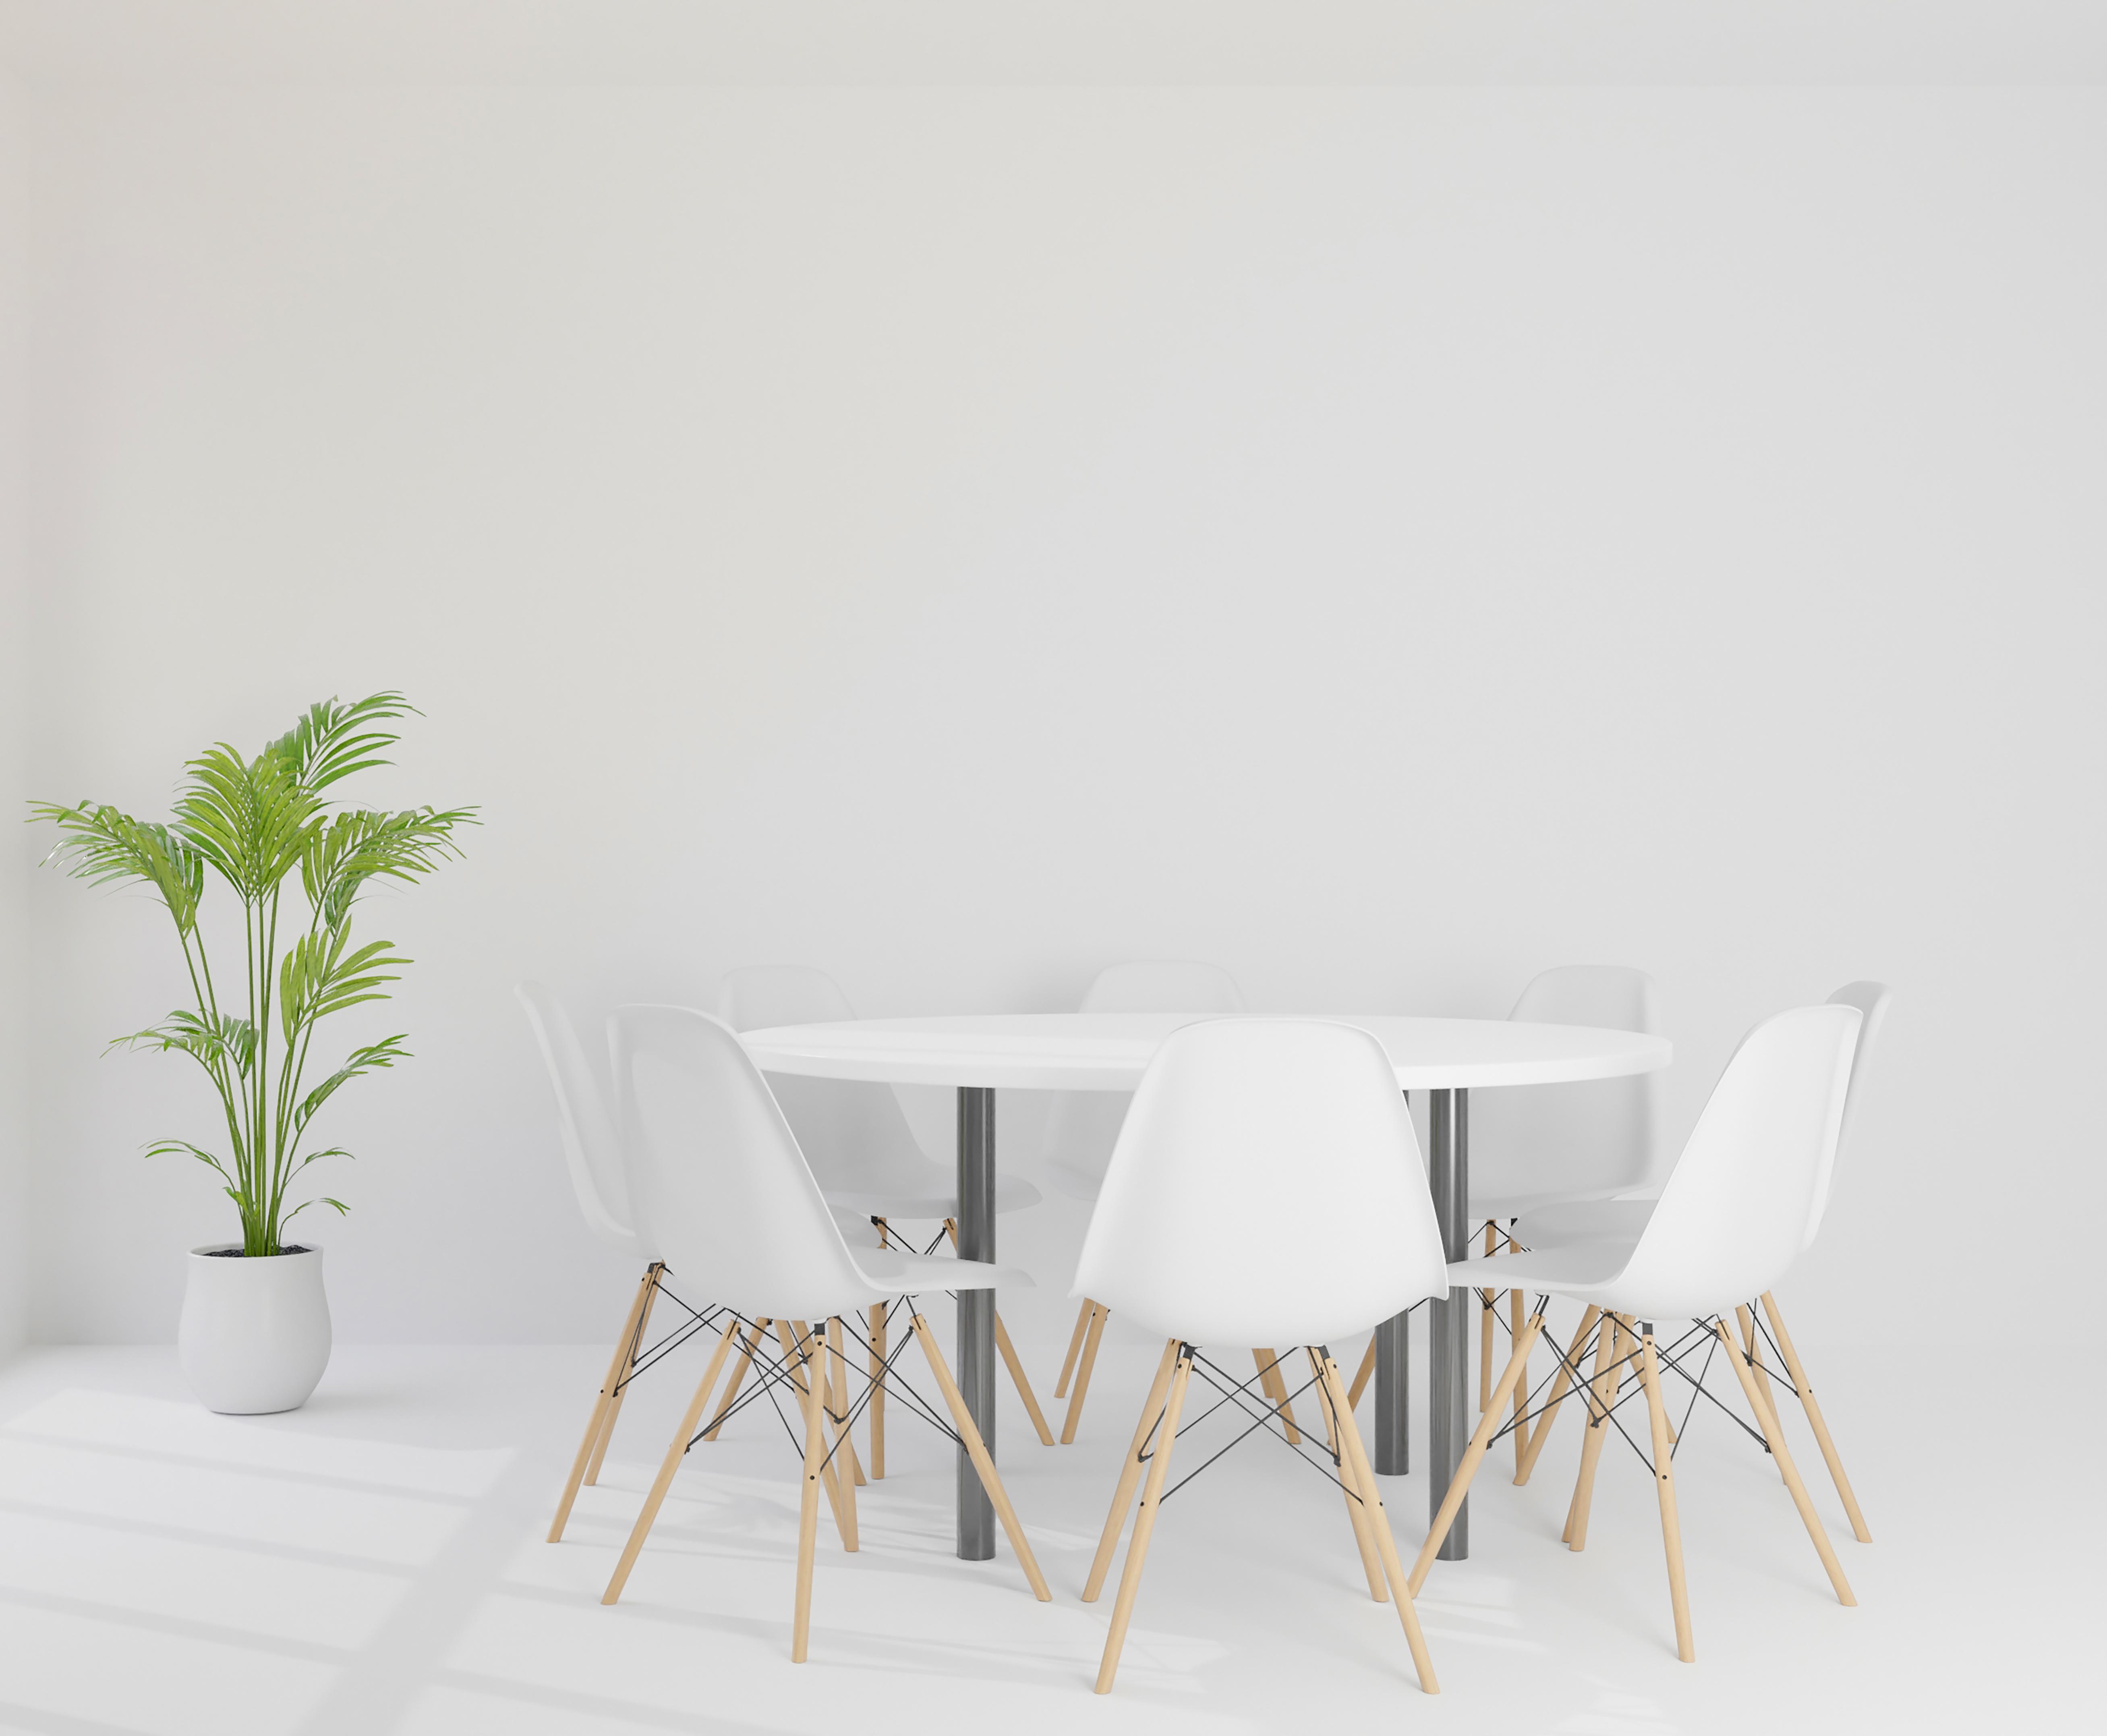 sala de reuniões branca com cadeiras foto